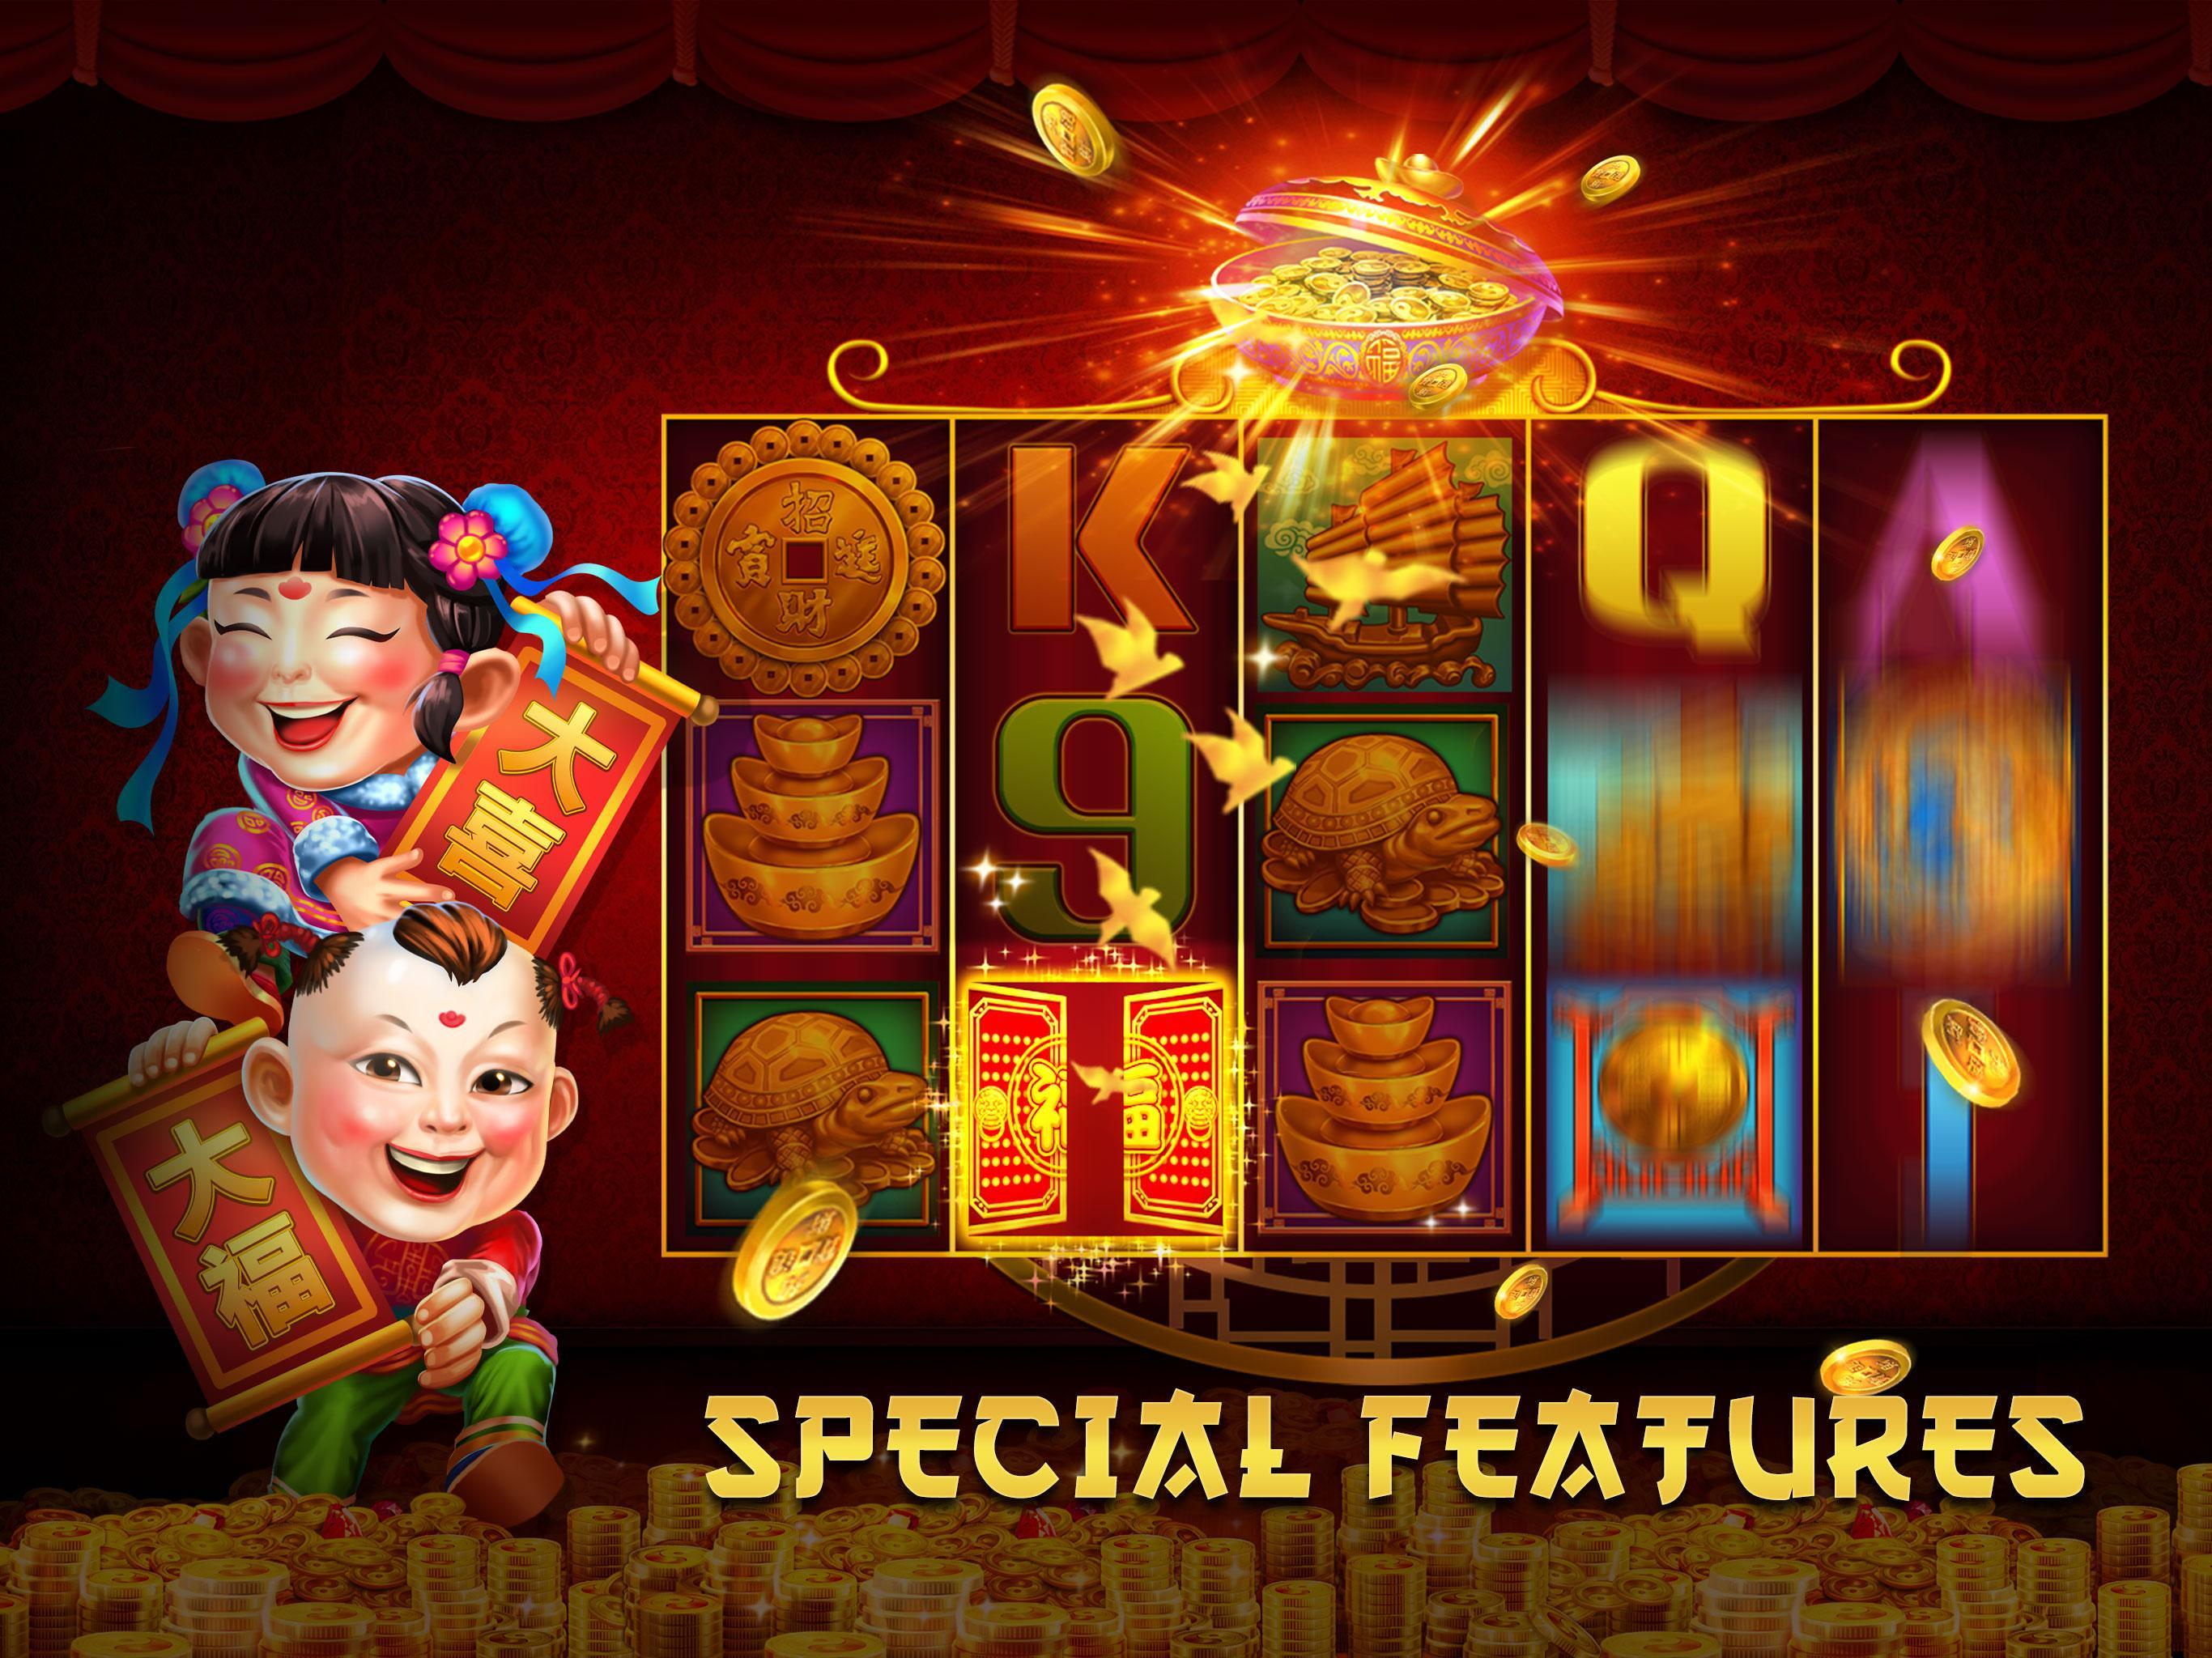 grand macau 3 dafu casino mania slots